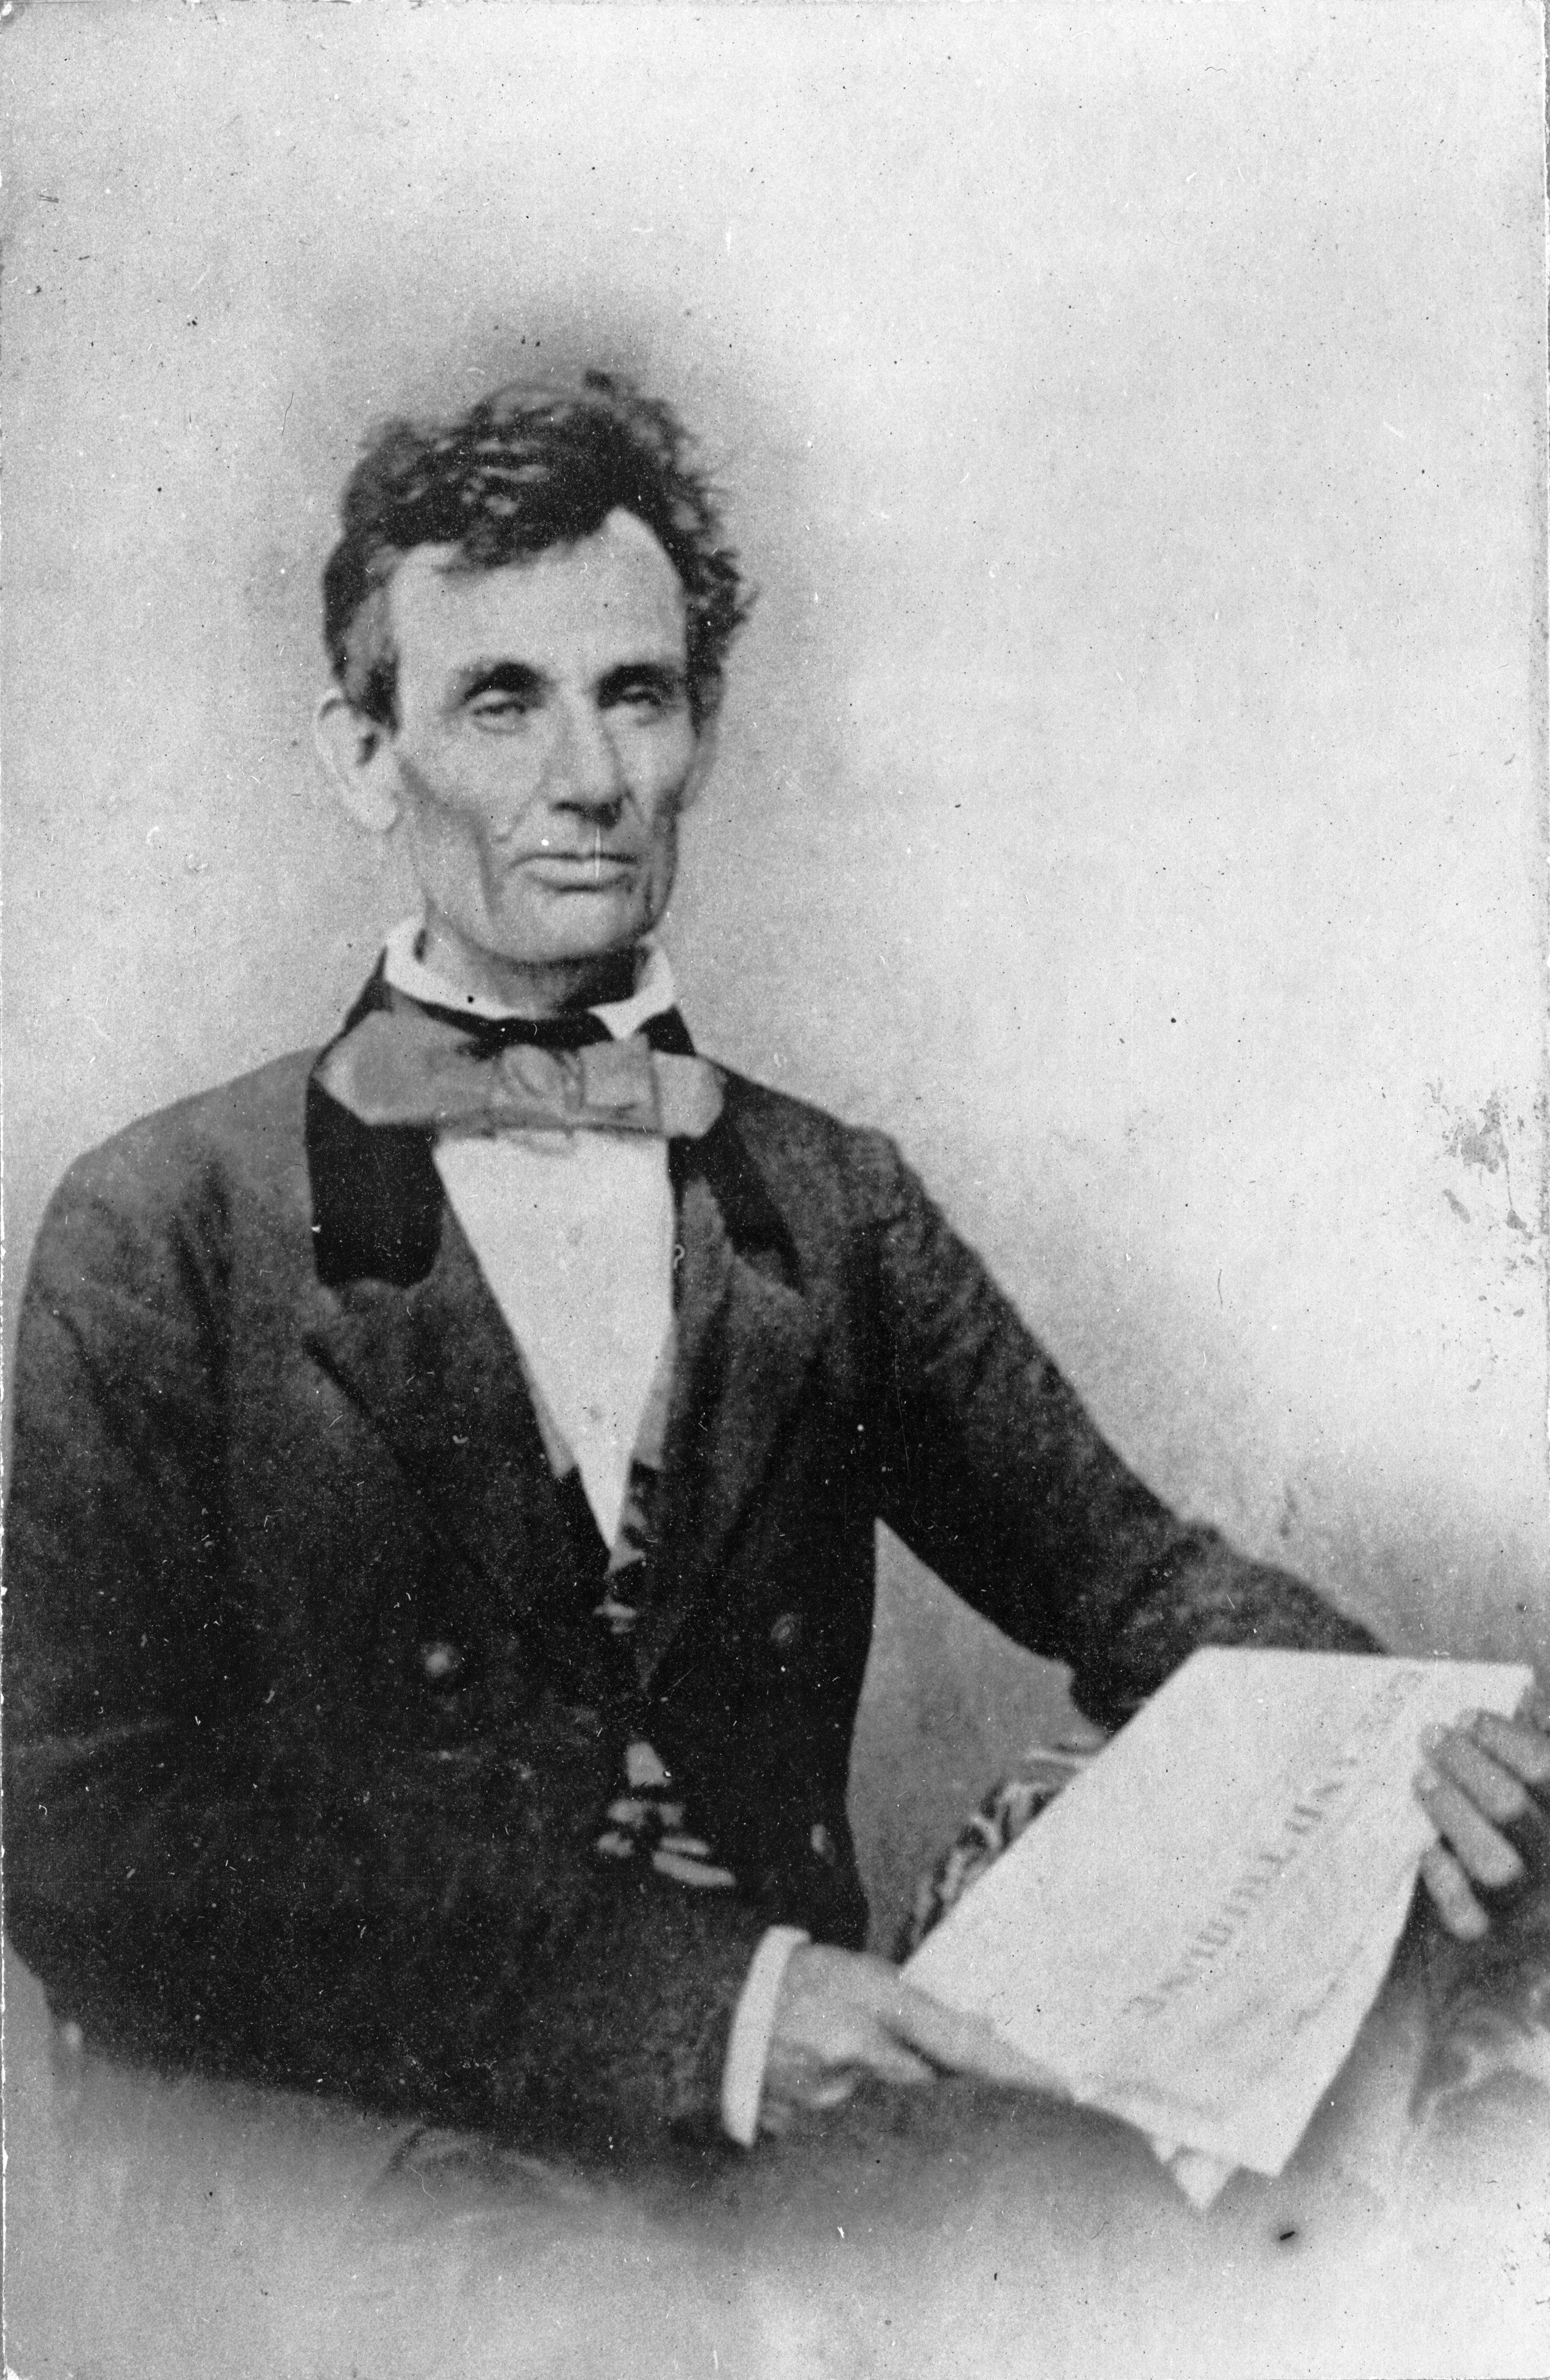 File:Abraham Lincoln by Von Schneidau, 1854.jpg - Wikimedia Commons